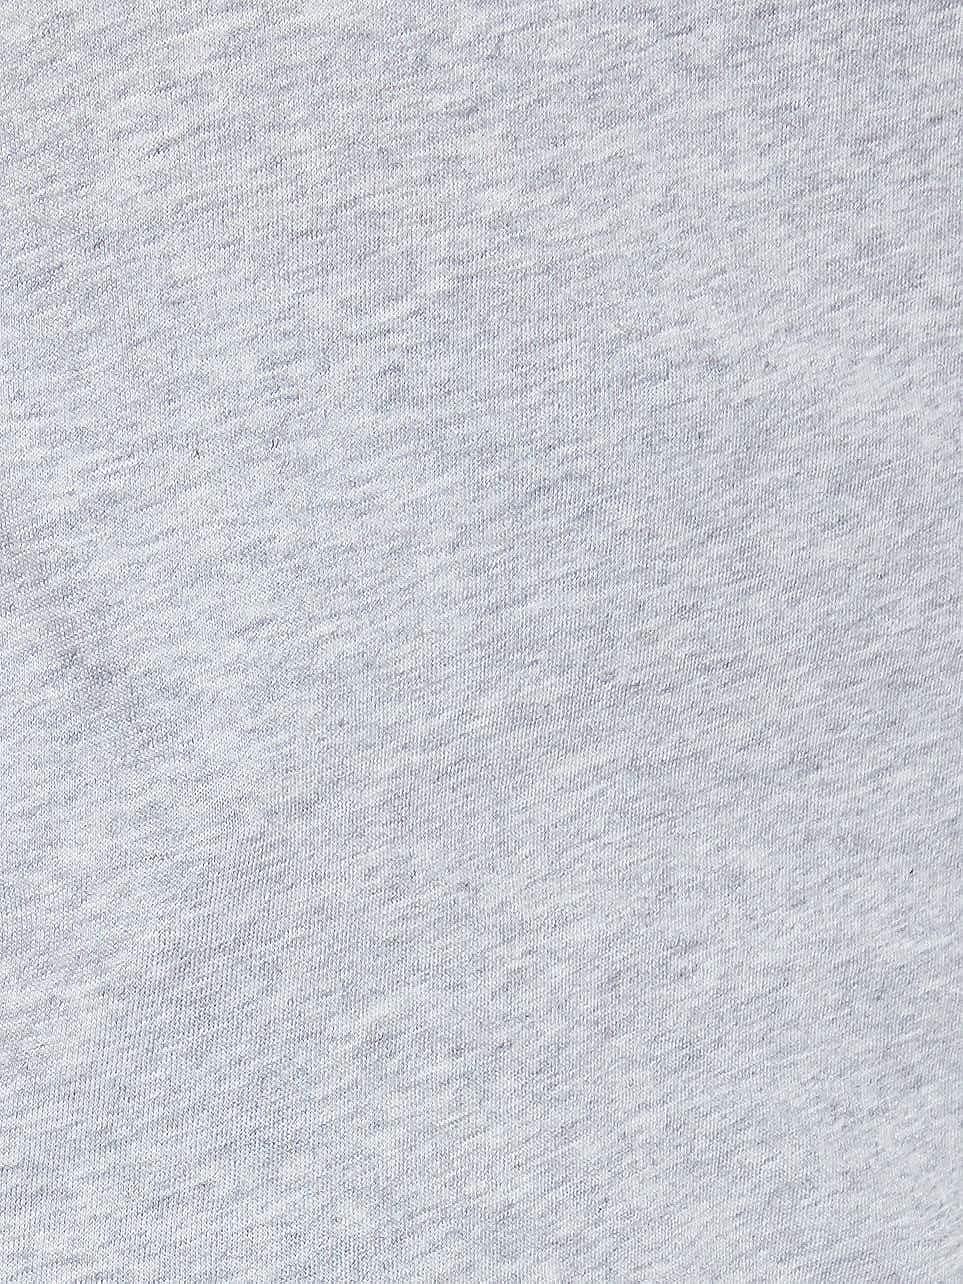 Essentials Cuello Pico Lacoste 3 Pack Camiseta Hombre Gris Ajuste Slim Colores Lisos